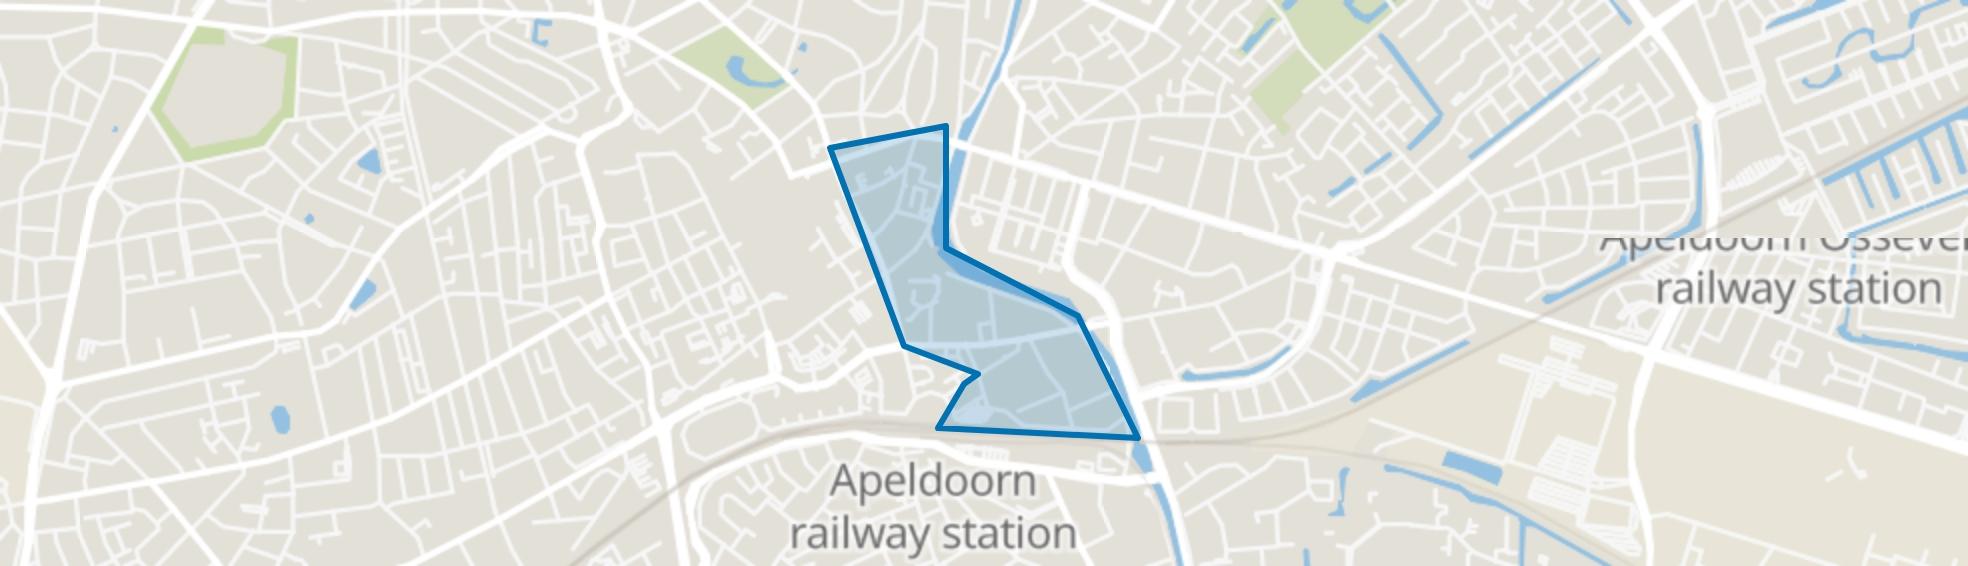 De Haven, Apeldoorn map